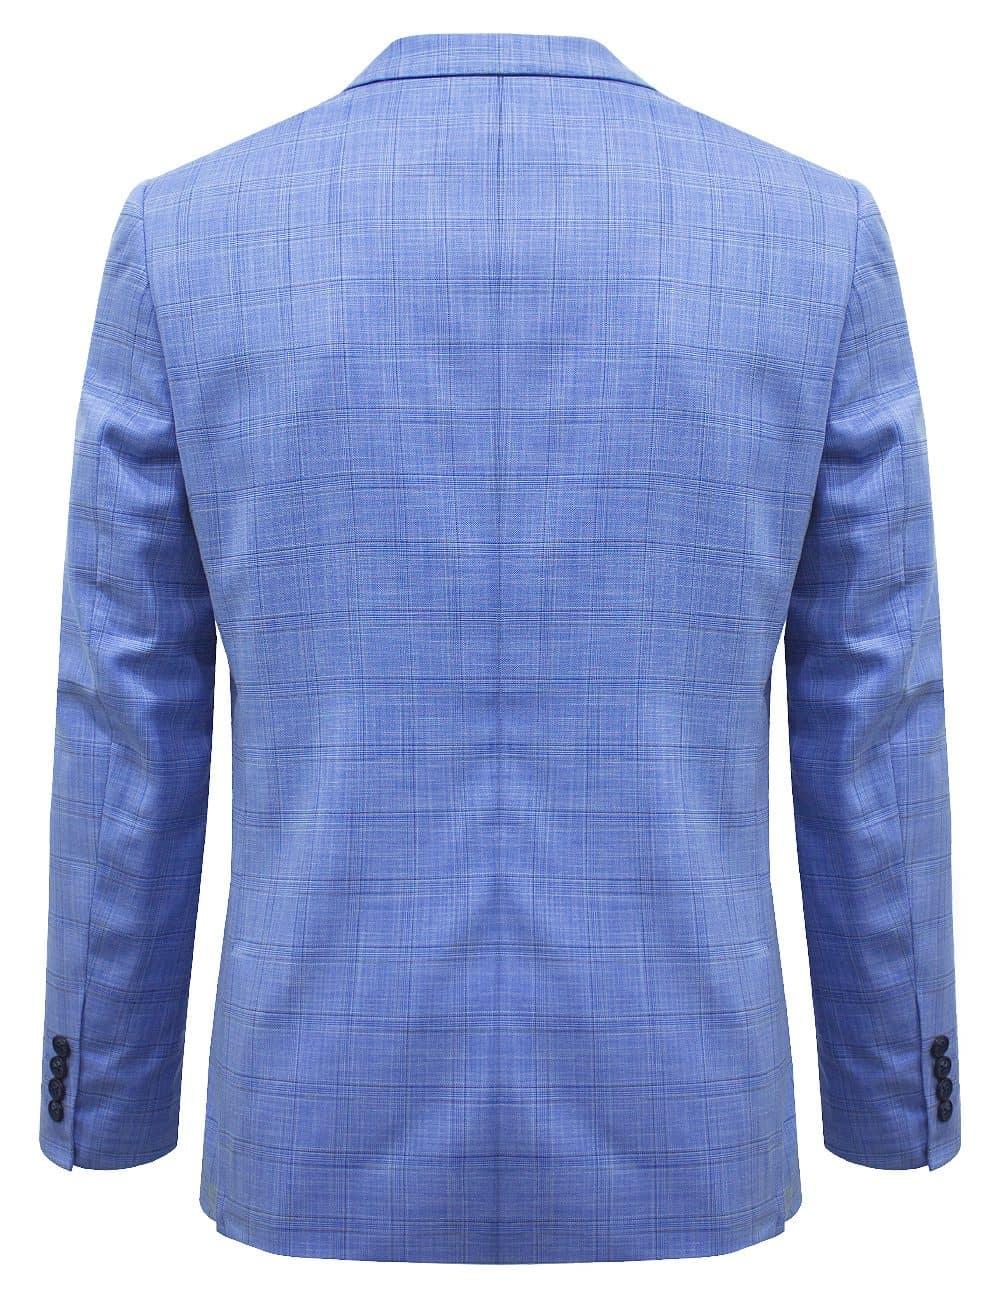 Sky Blue Checks Single Breasted Blazer with Stretch - S2B3.3